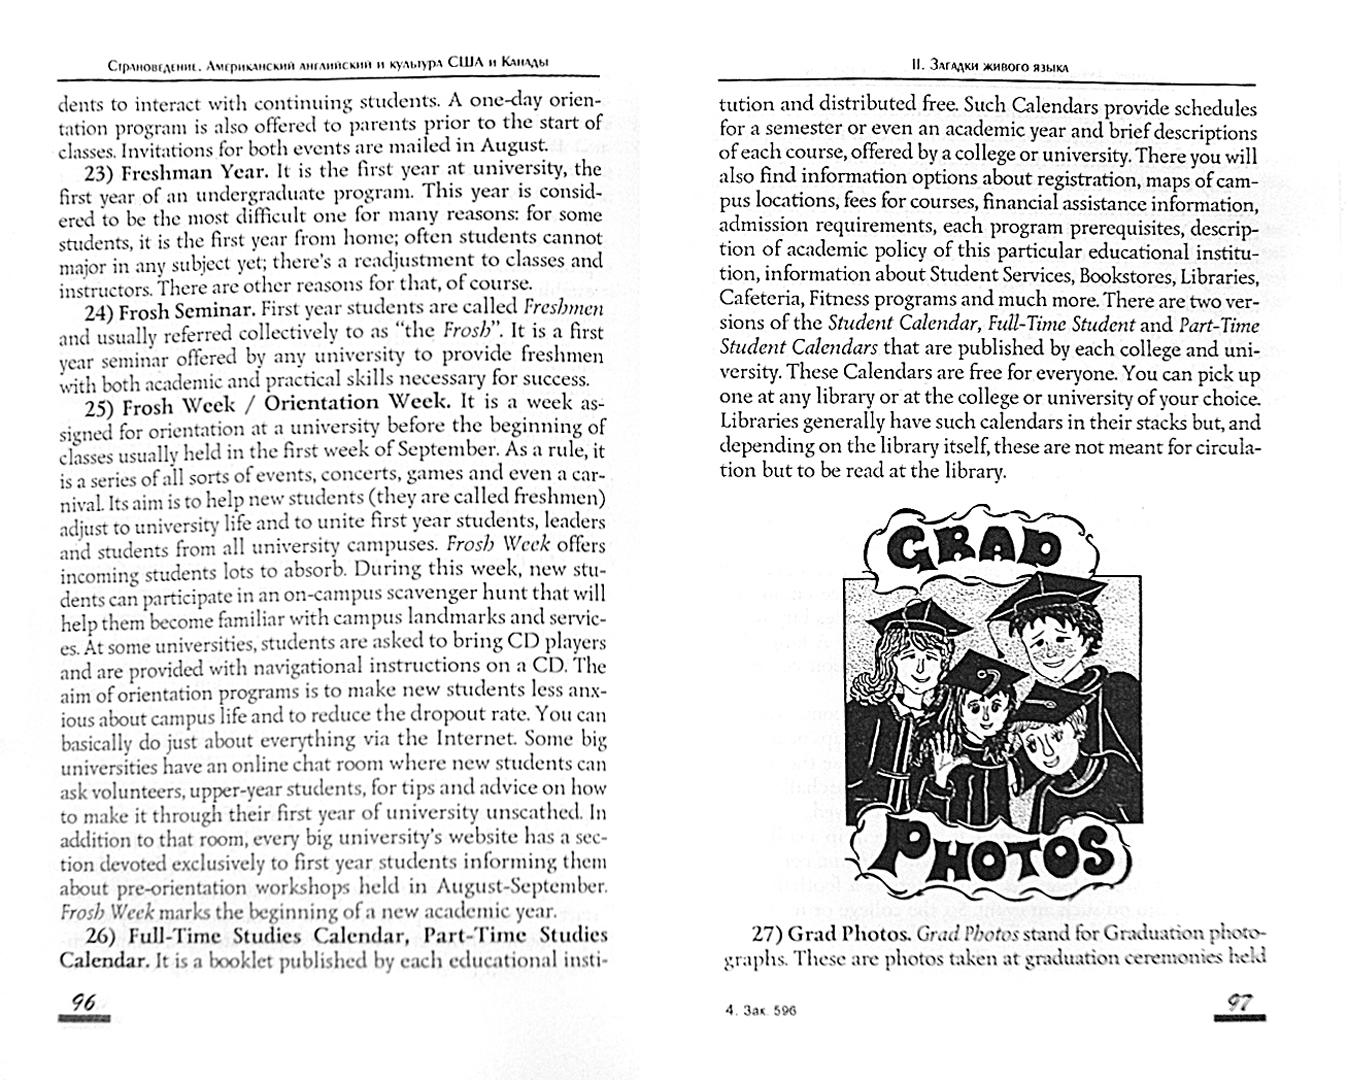 Иллюстрация 1 из 28 для Страноведение. Американский английский и культура США и Канады - Алина Бикеева   Лабиринт - книги. Источник: Лабиринт